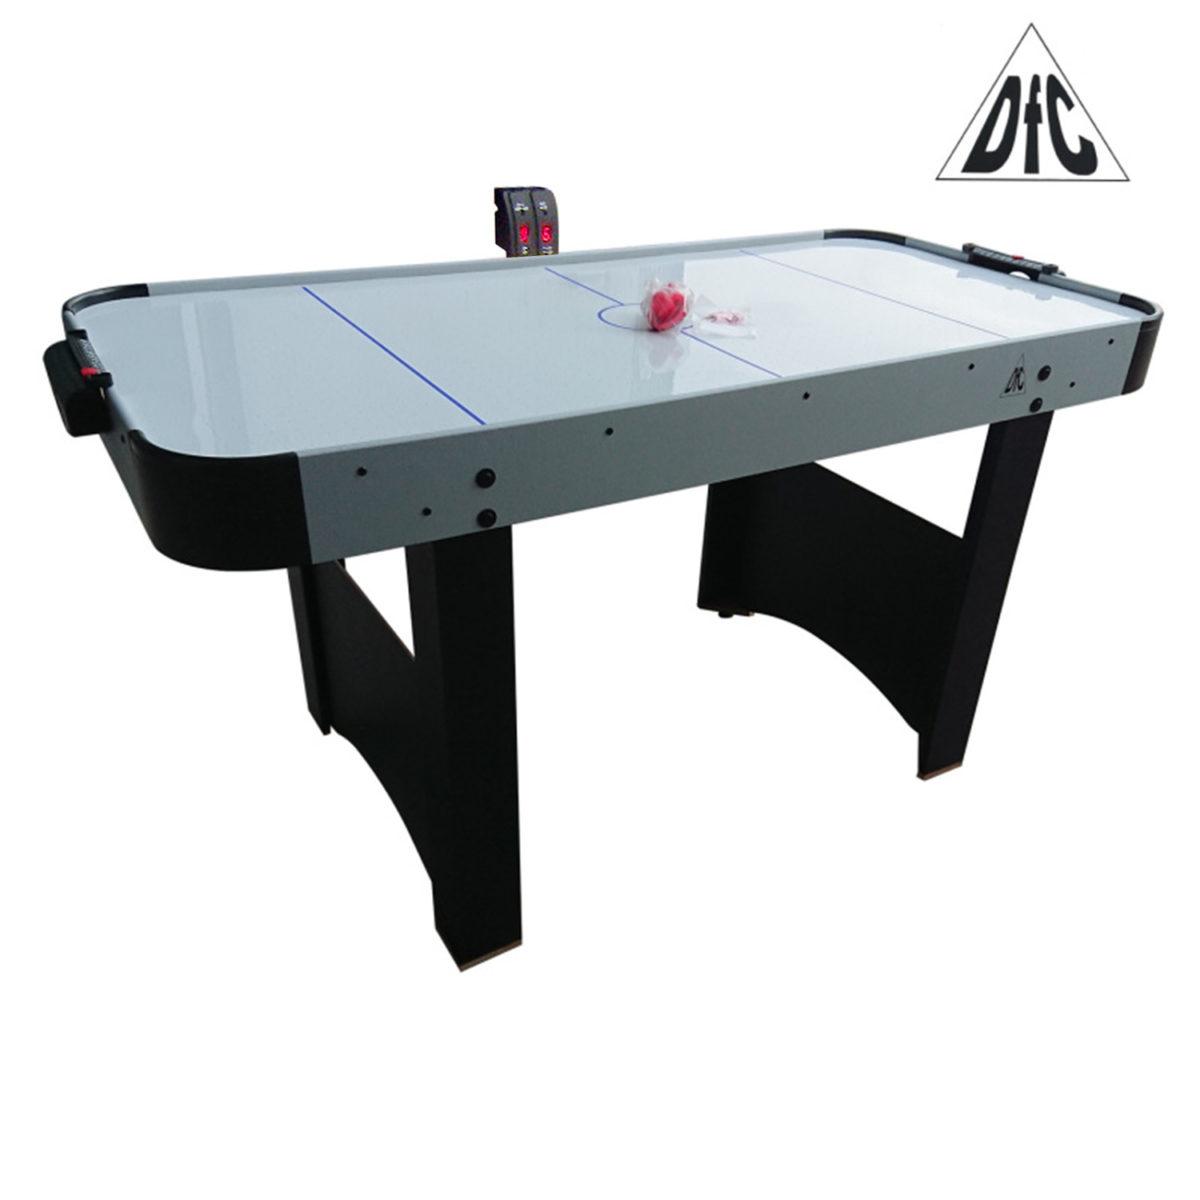 Игровой стол - аэрохоккей DFC NEW YORK 5ft-арт-HM-AT-60001-